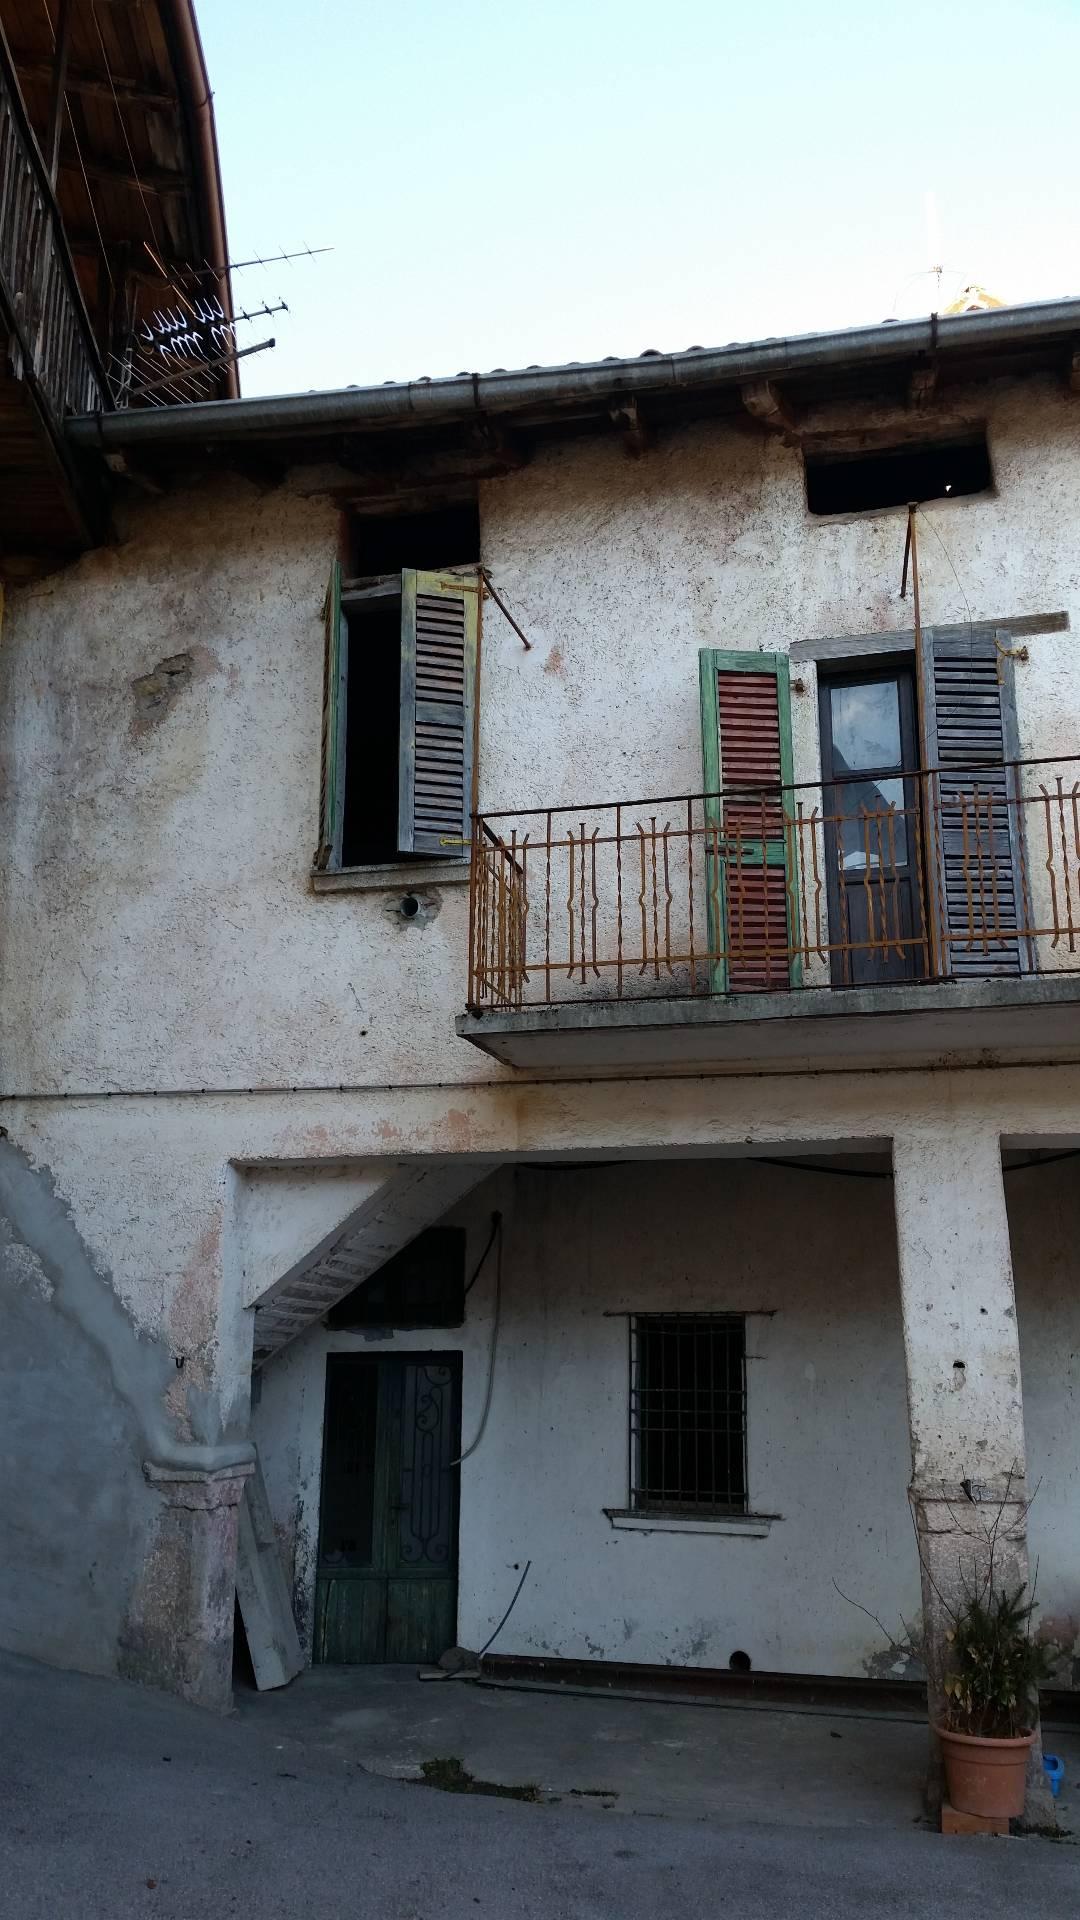 Rustico / Casale in vendita a Pertica Alta, 3 locali, zona Zona: Noffo, prezzo € 11.000 | CambioCasa.it